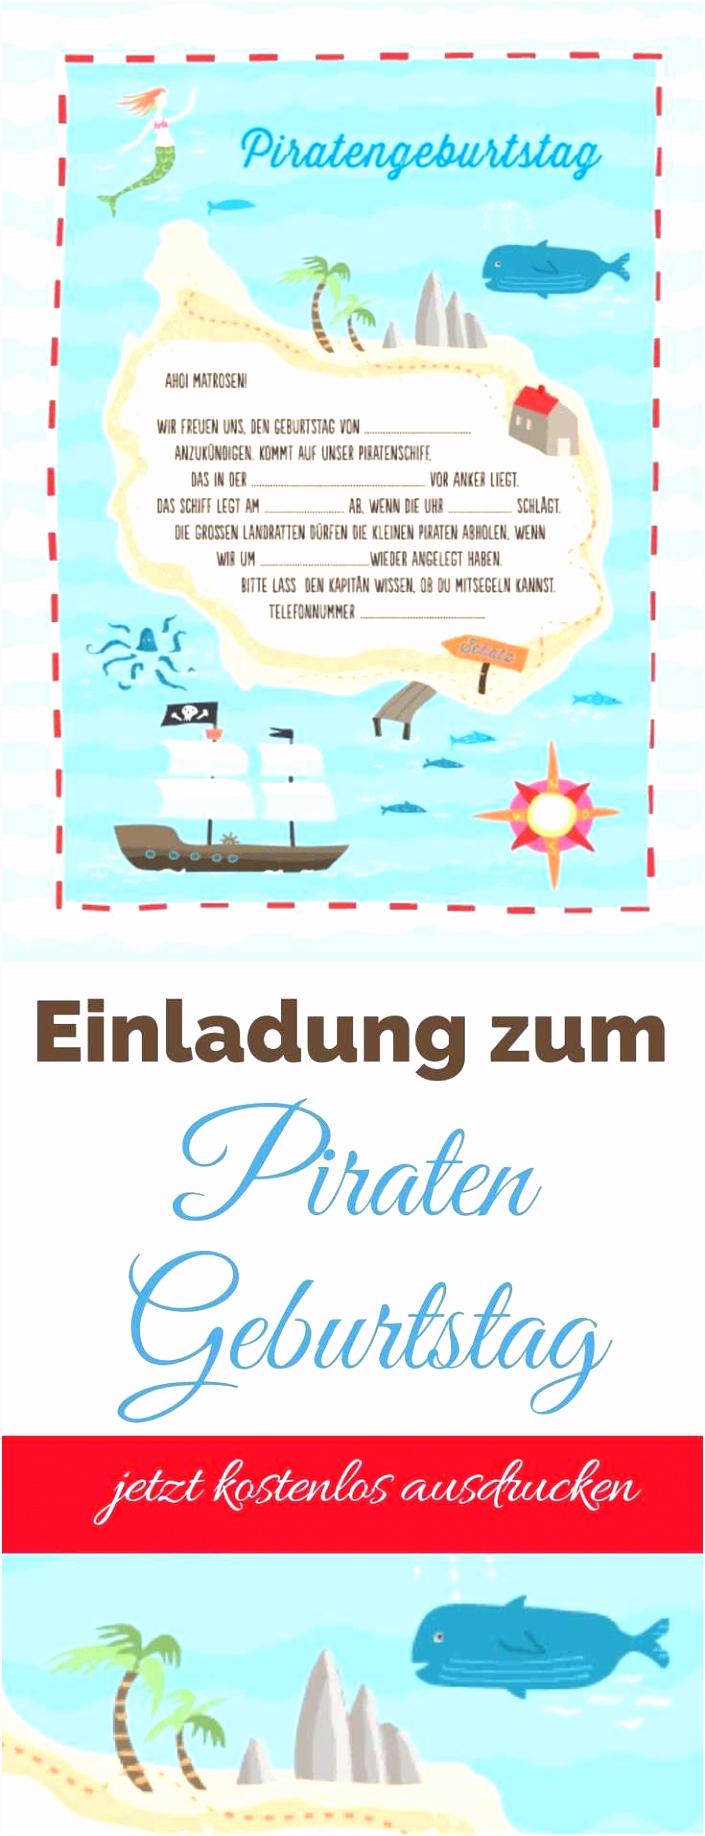 Einladungskarten Geburtstag Download